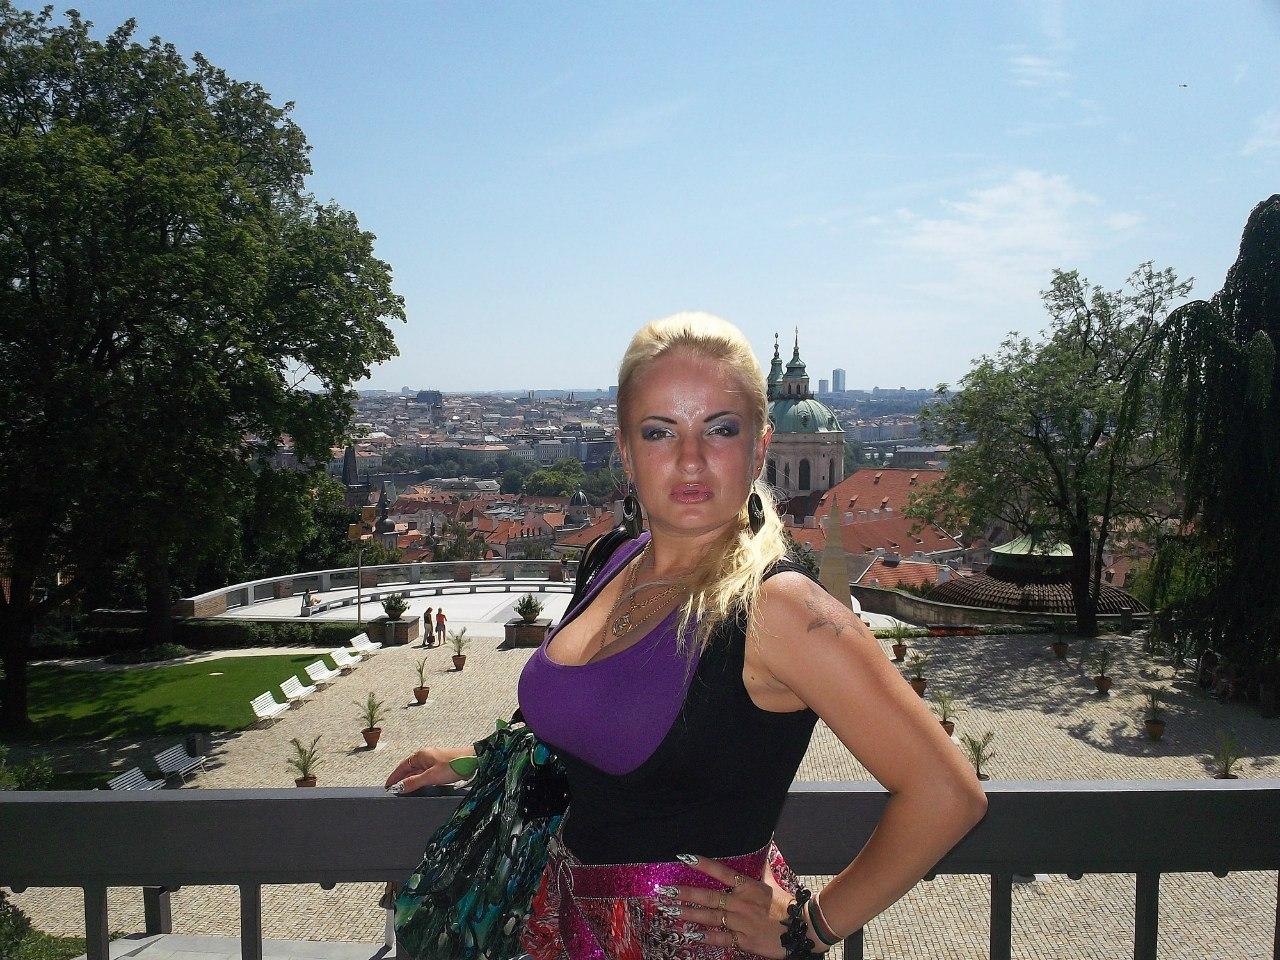 Елена Руденко ( Valteya ) . Чехия. Прага. Лето 2012. K8Uj8MA2Q9Q